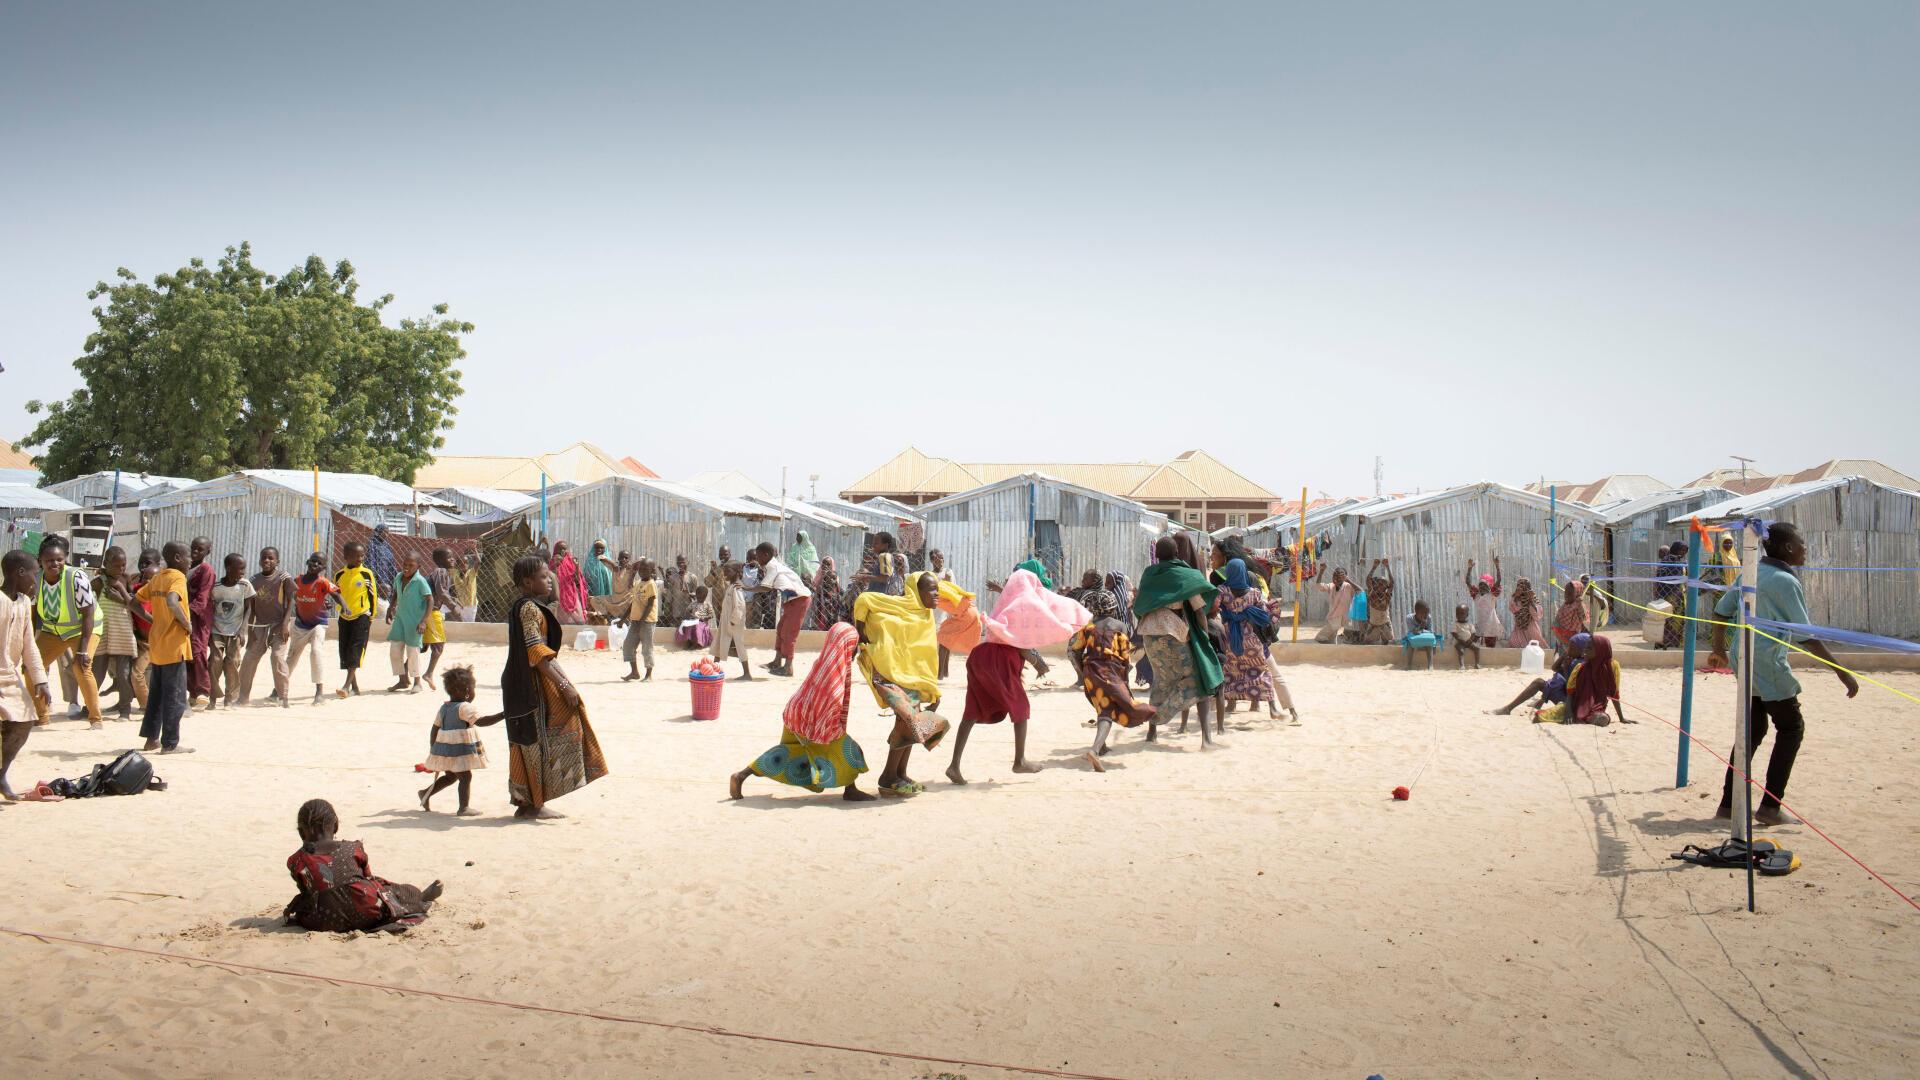 Un enfant dans un camp de réfugiés, au Nigeria, près de Maiduguri, le 4 février 2020 (image d'illustration).